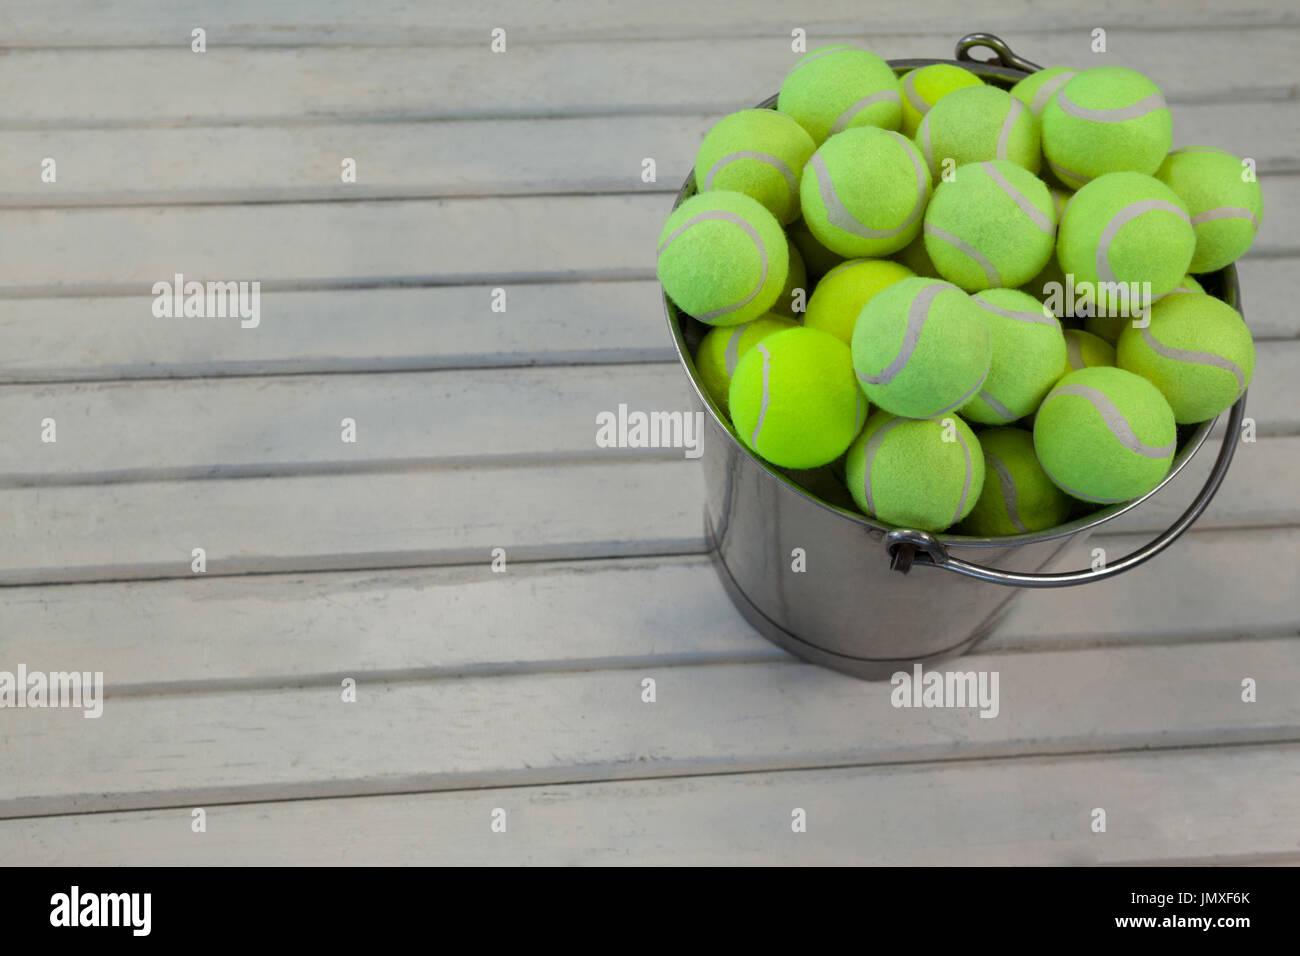 5a58f18a1c Un alto ángulo de visualización de las pelotas de tenis en la cuchara  metálica sobre la mesa de madera blanca